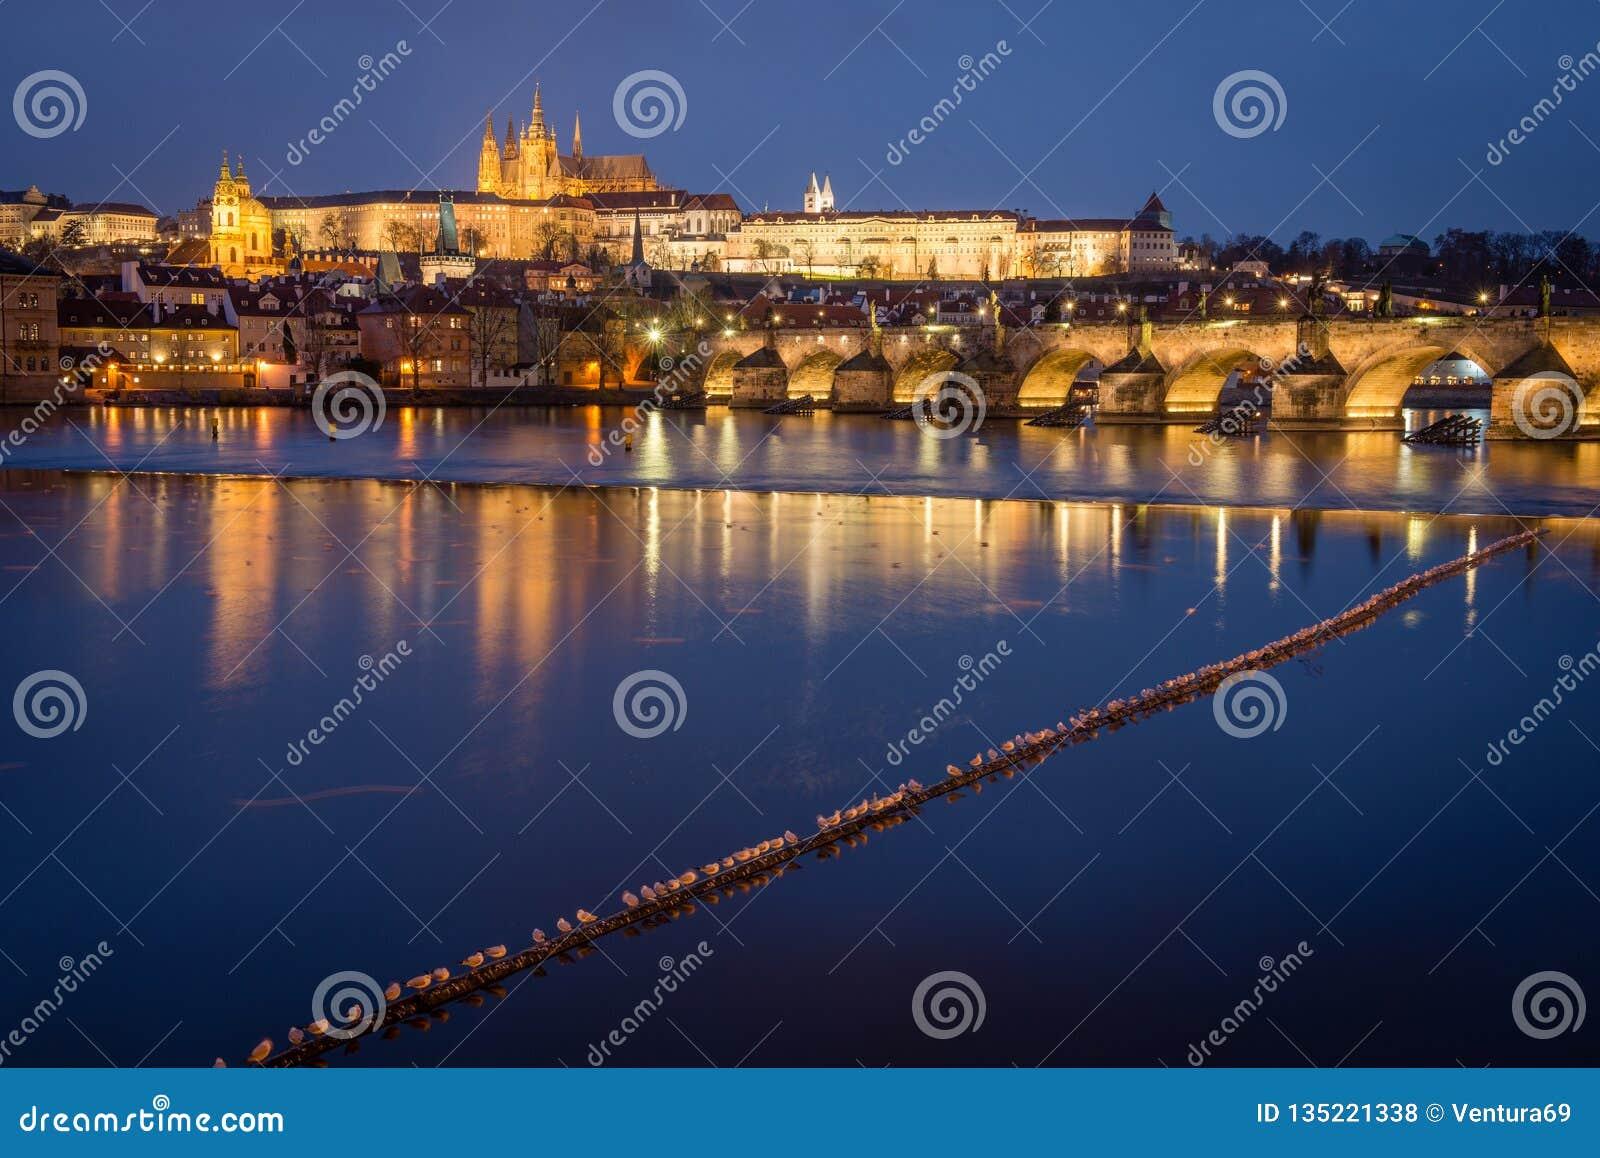 Castillo y Charles Bridge de Praga en la noche, República Checa